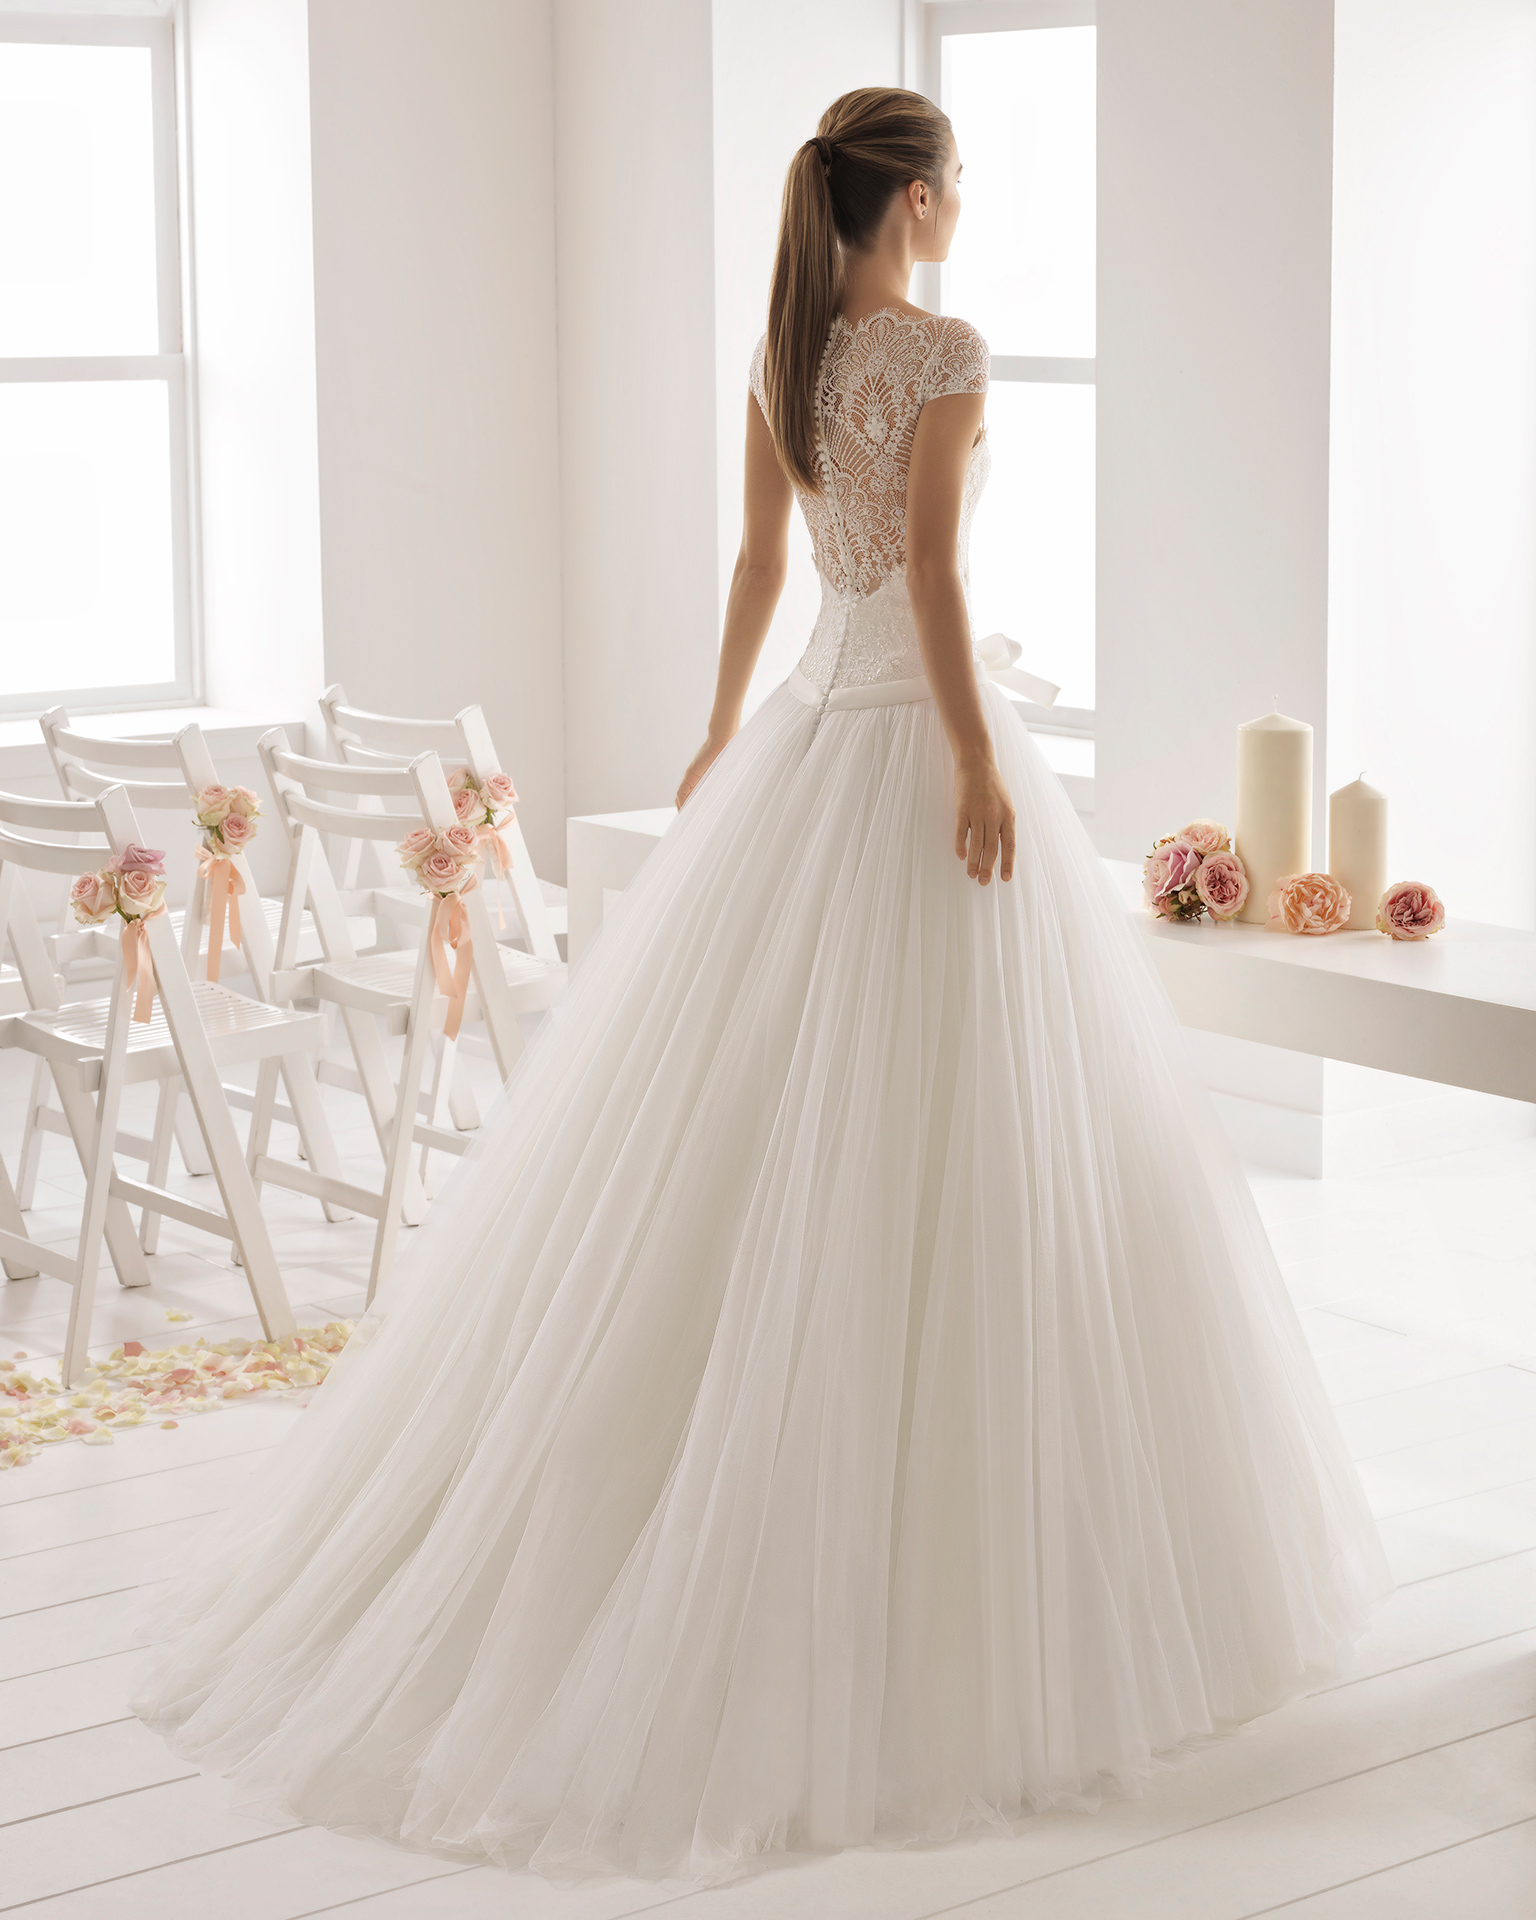 Romantisches Brautkleid aus Tüll und Spitze mit Strassbesatz, Illusionsausschnitt, Rücken aus Spitze und Strass, Schleife an der Taille.